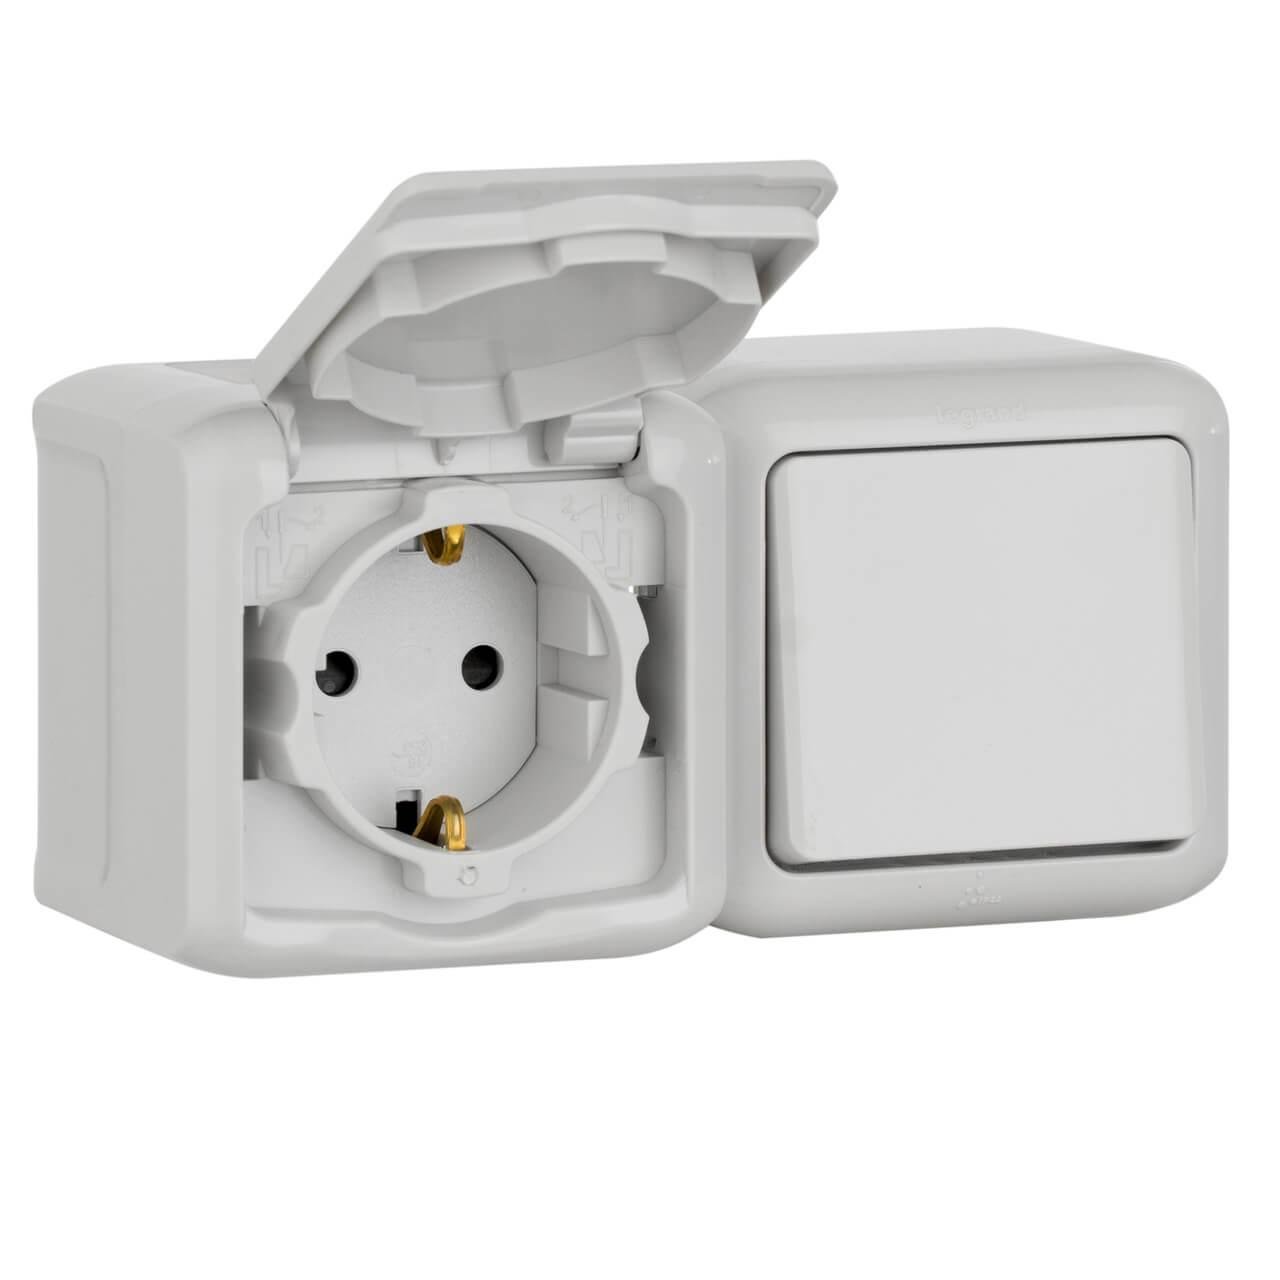 Выключатель Legrand 782348 Quteo выключатель одноклавишный кнопочный legrand quteo 6a 250v белый 782205